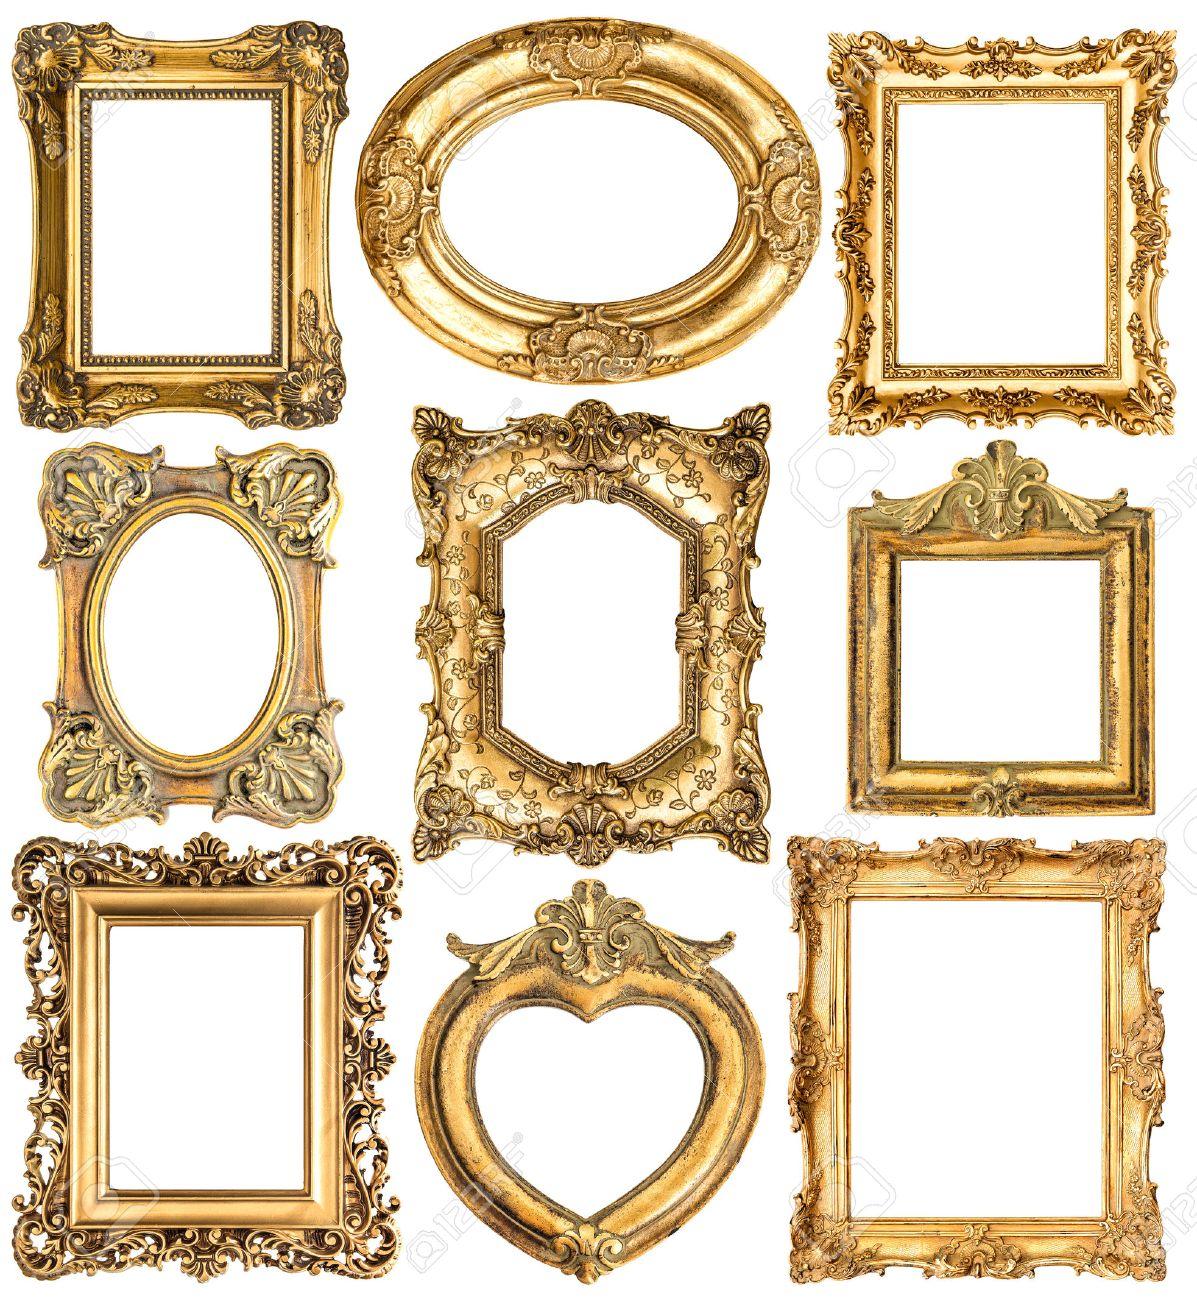 Goldenen Rahmen Auf Weißem Hintergrund Lizenzfreie Fotos, Bilder Und ...